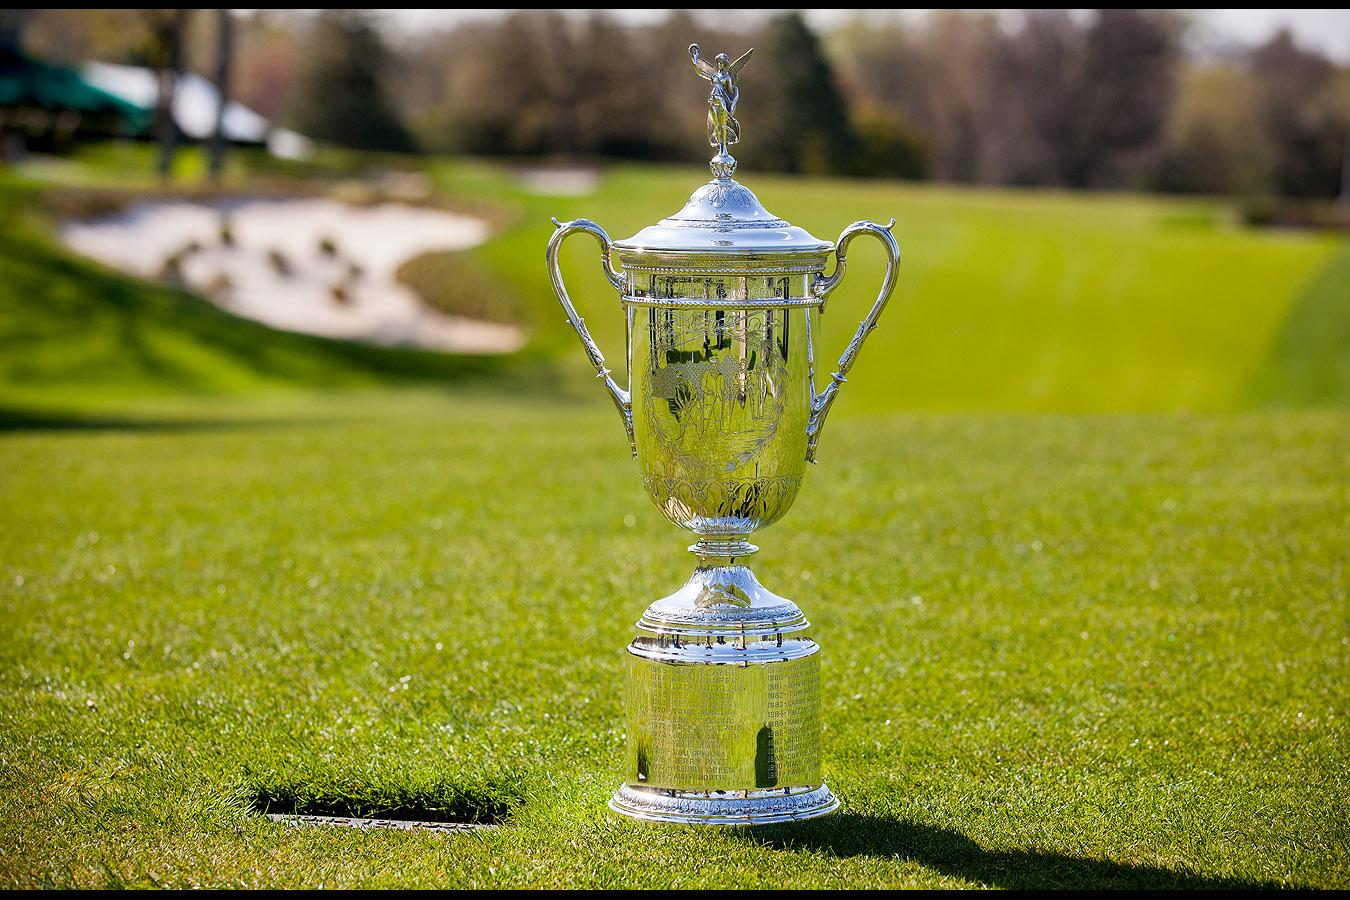 PIC-US-Open-trophy (2).jpg